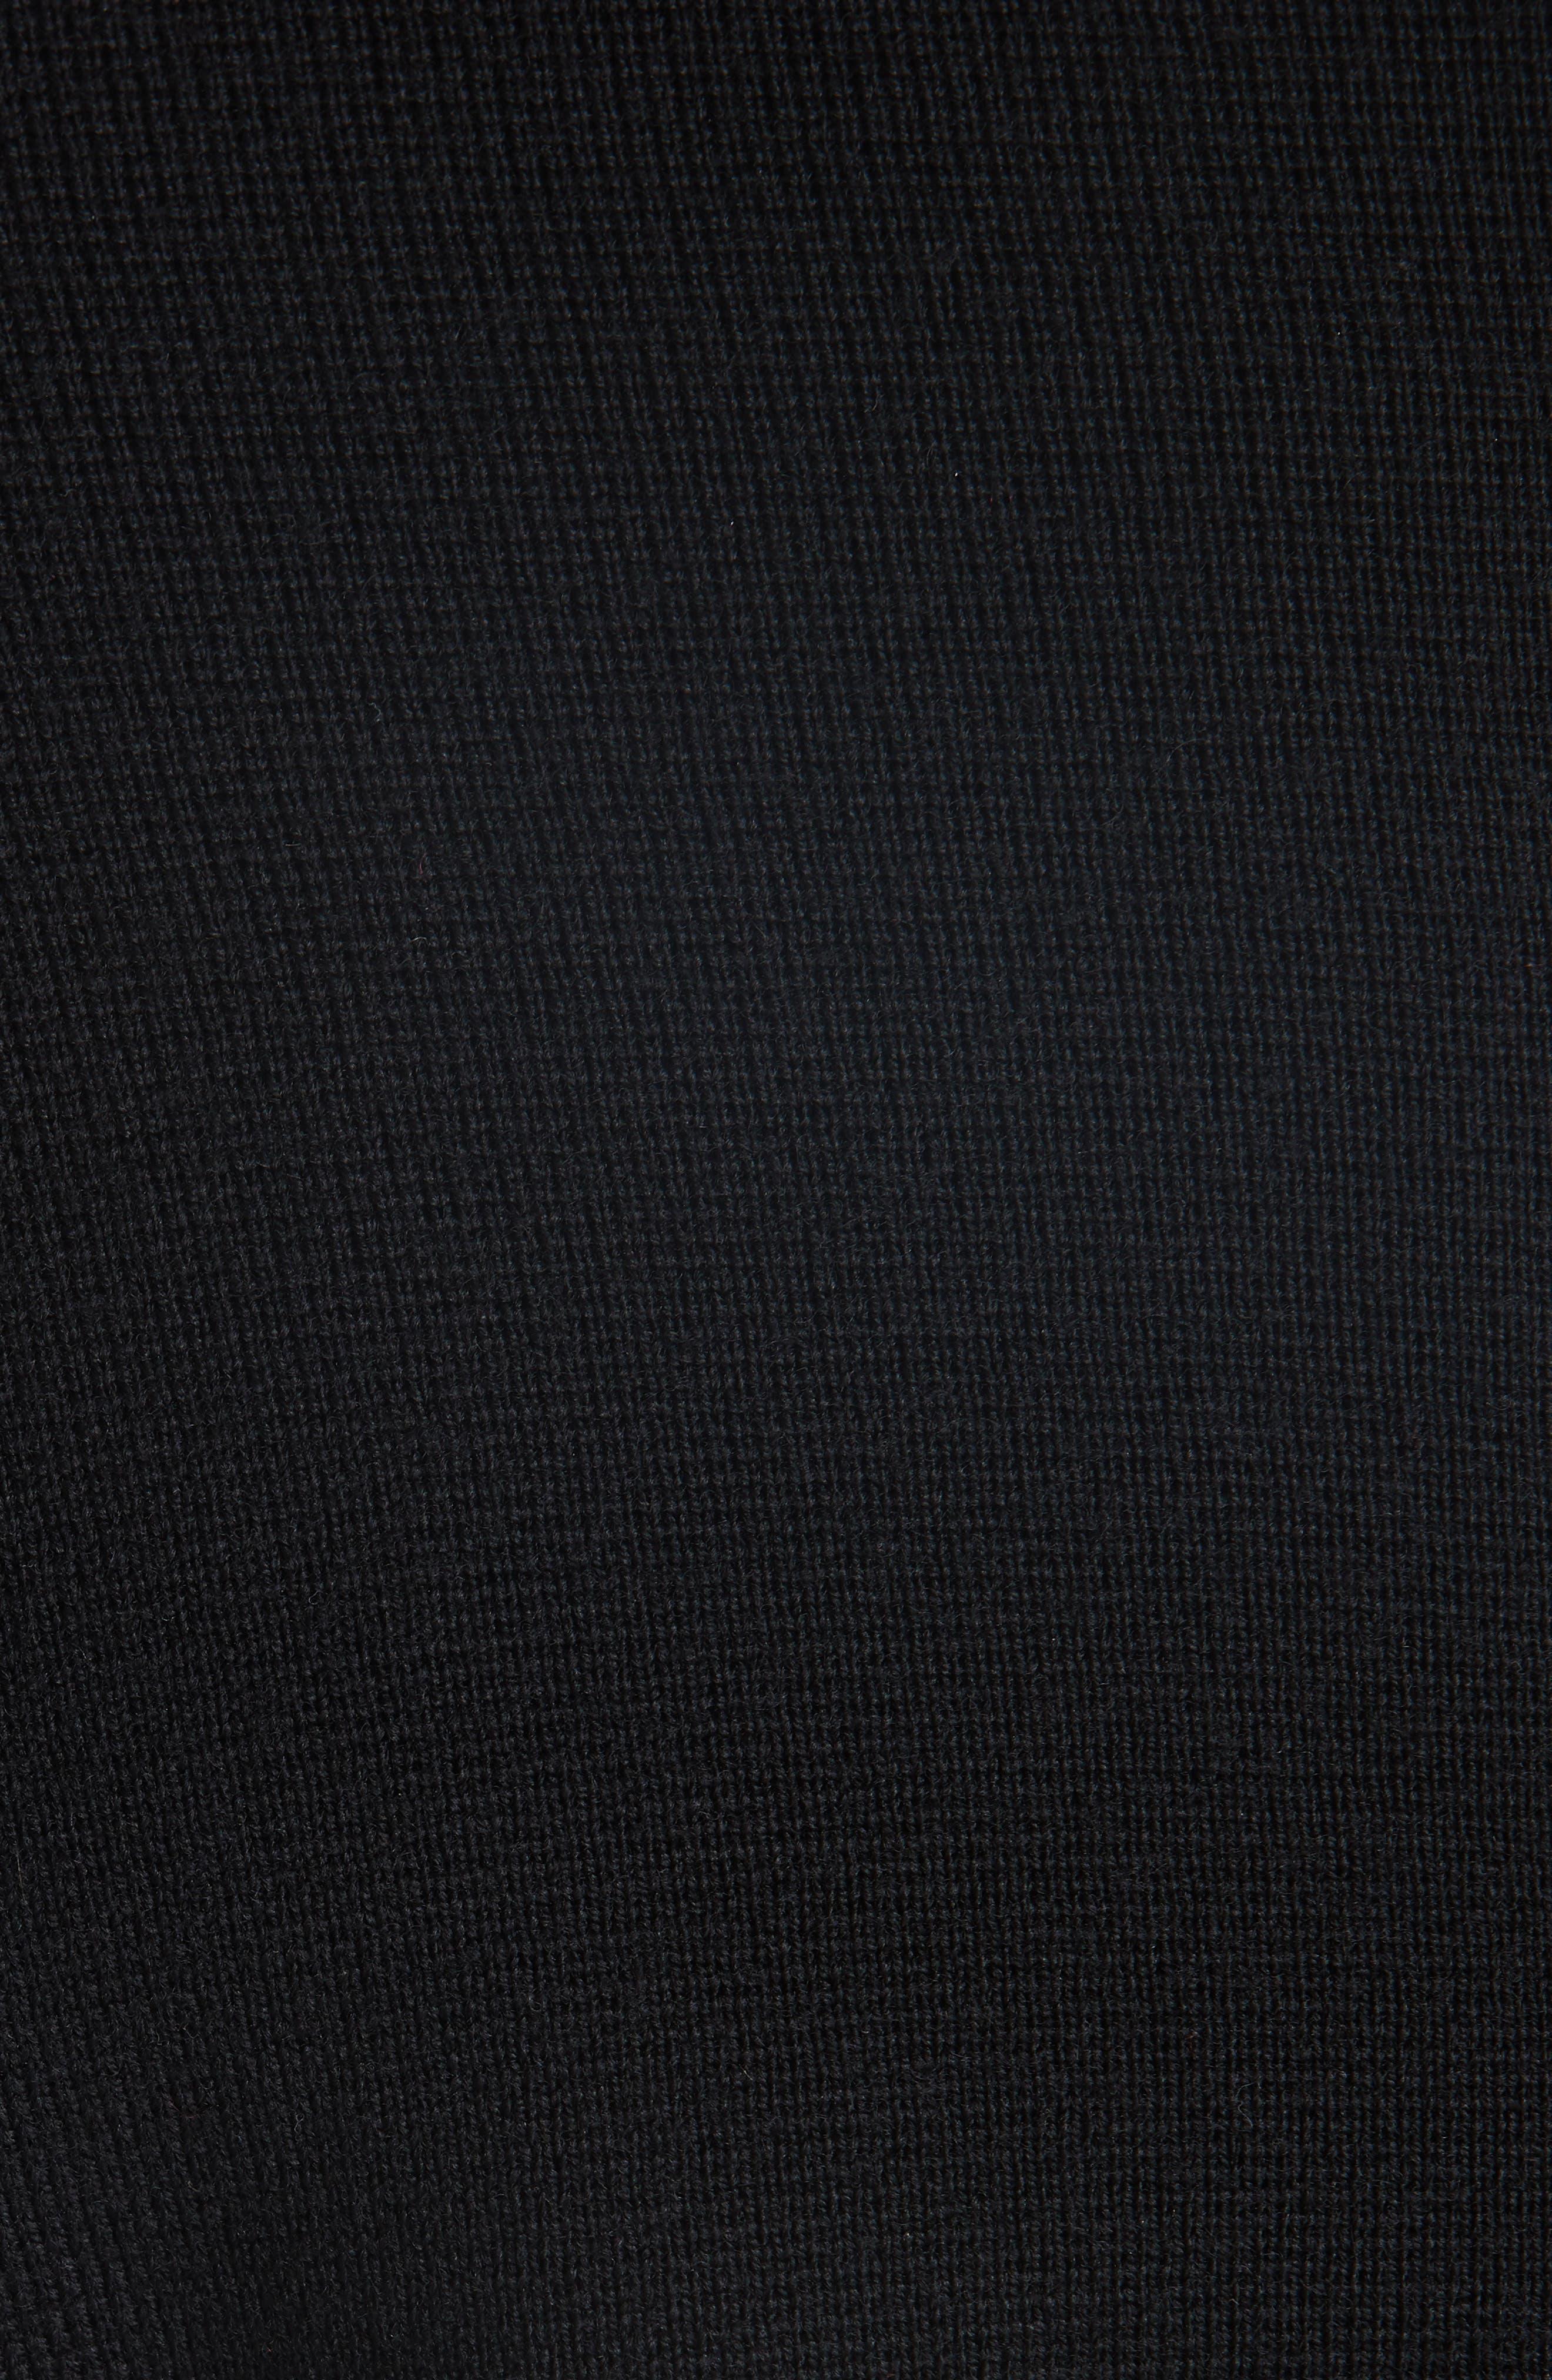 Knit Teddy Wool Varsity Jacket,                             Alternate thumbnail 6, color,                             009